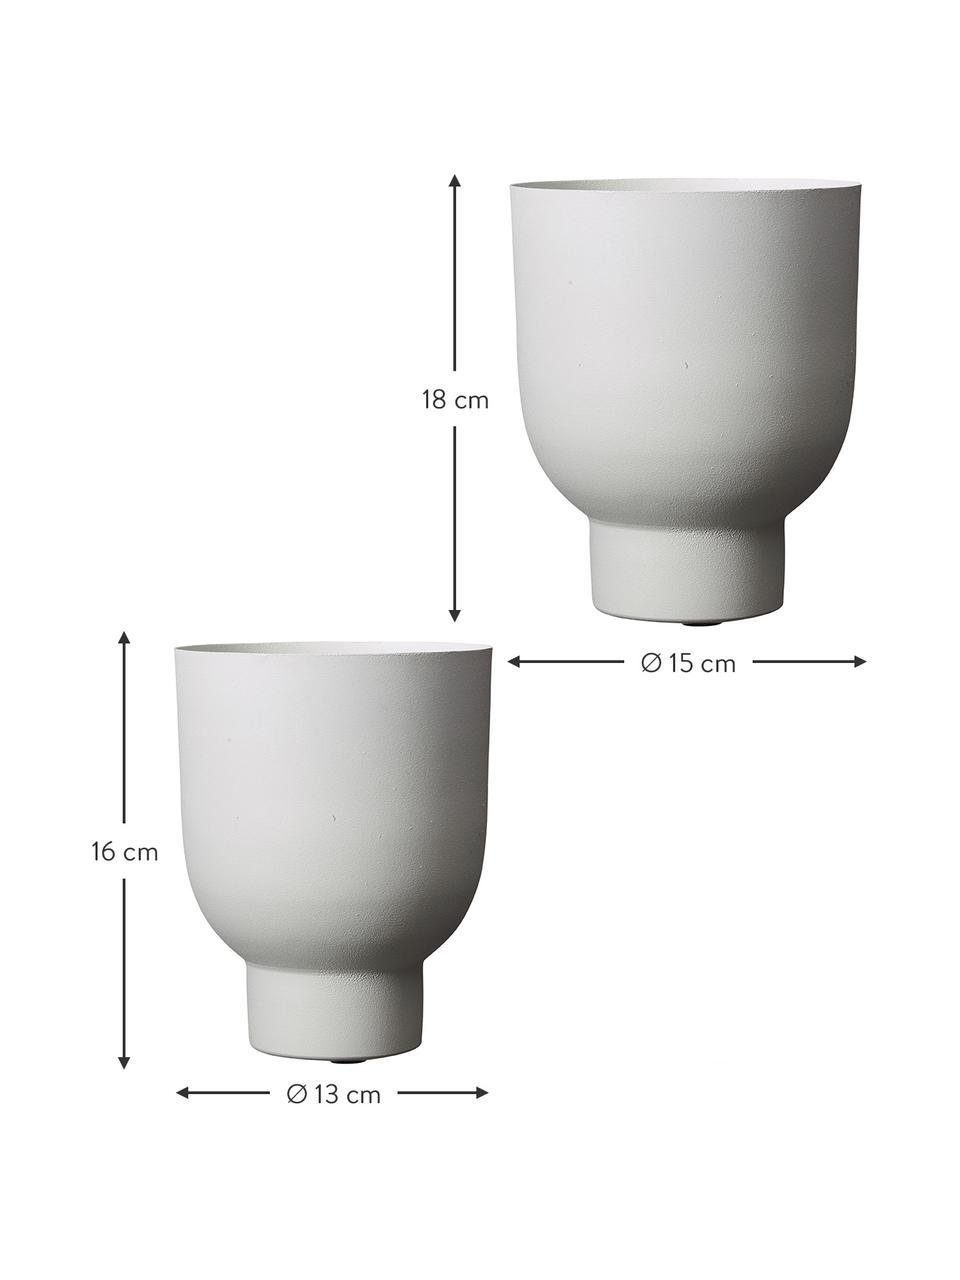 Kleines Übertopf-Set Anga, 2-tlg., Metall, beschichtet, Weiß, Set mit verschiedenen Größen